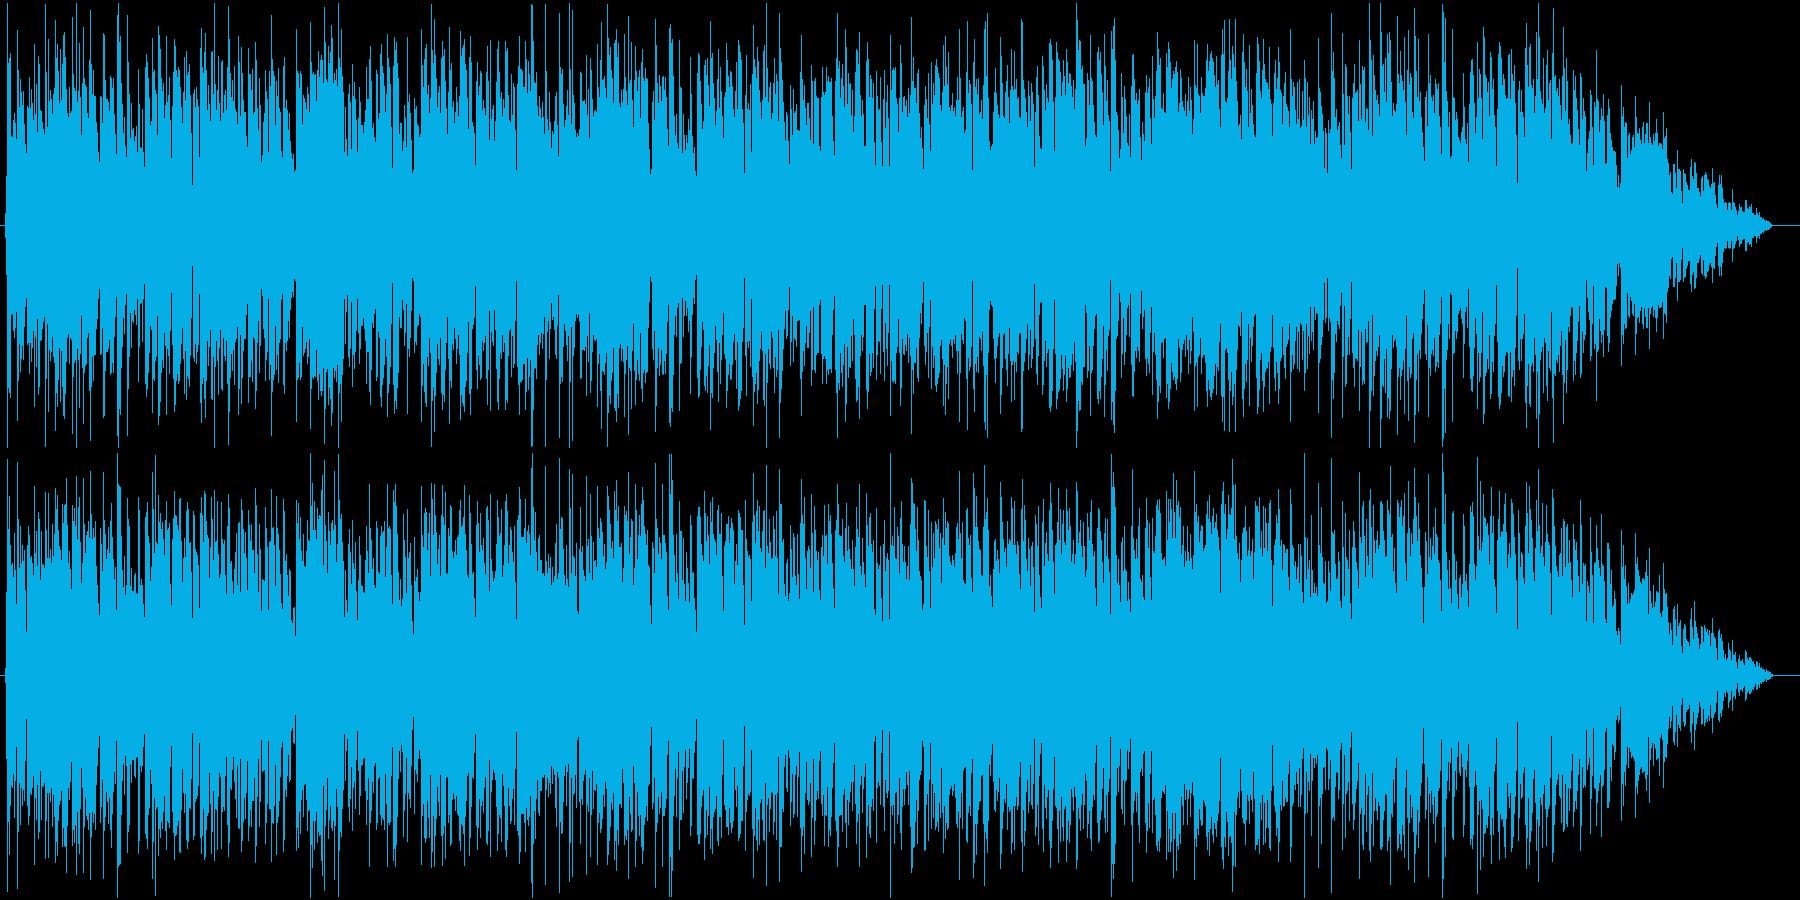 アコーディオンを使った活気ある町のBGMの再生済みの波形